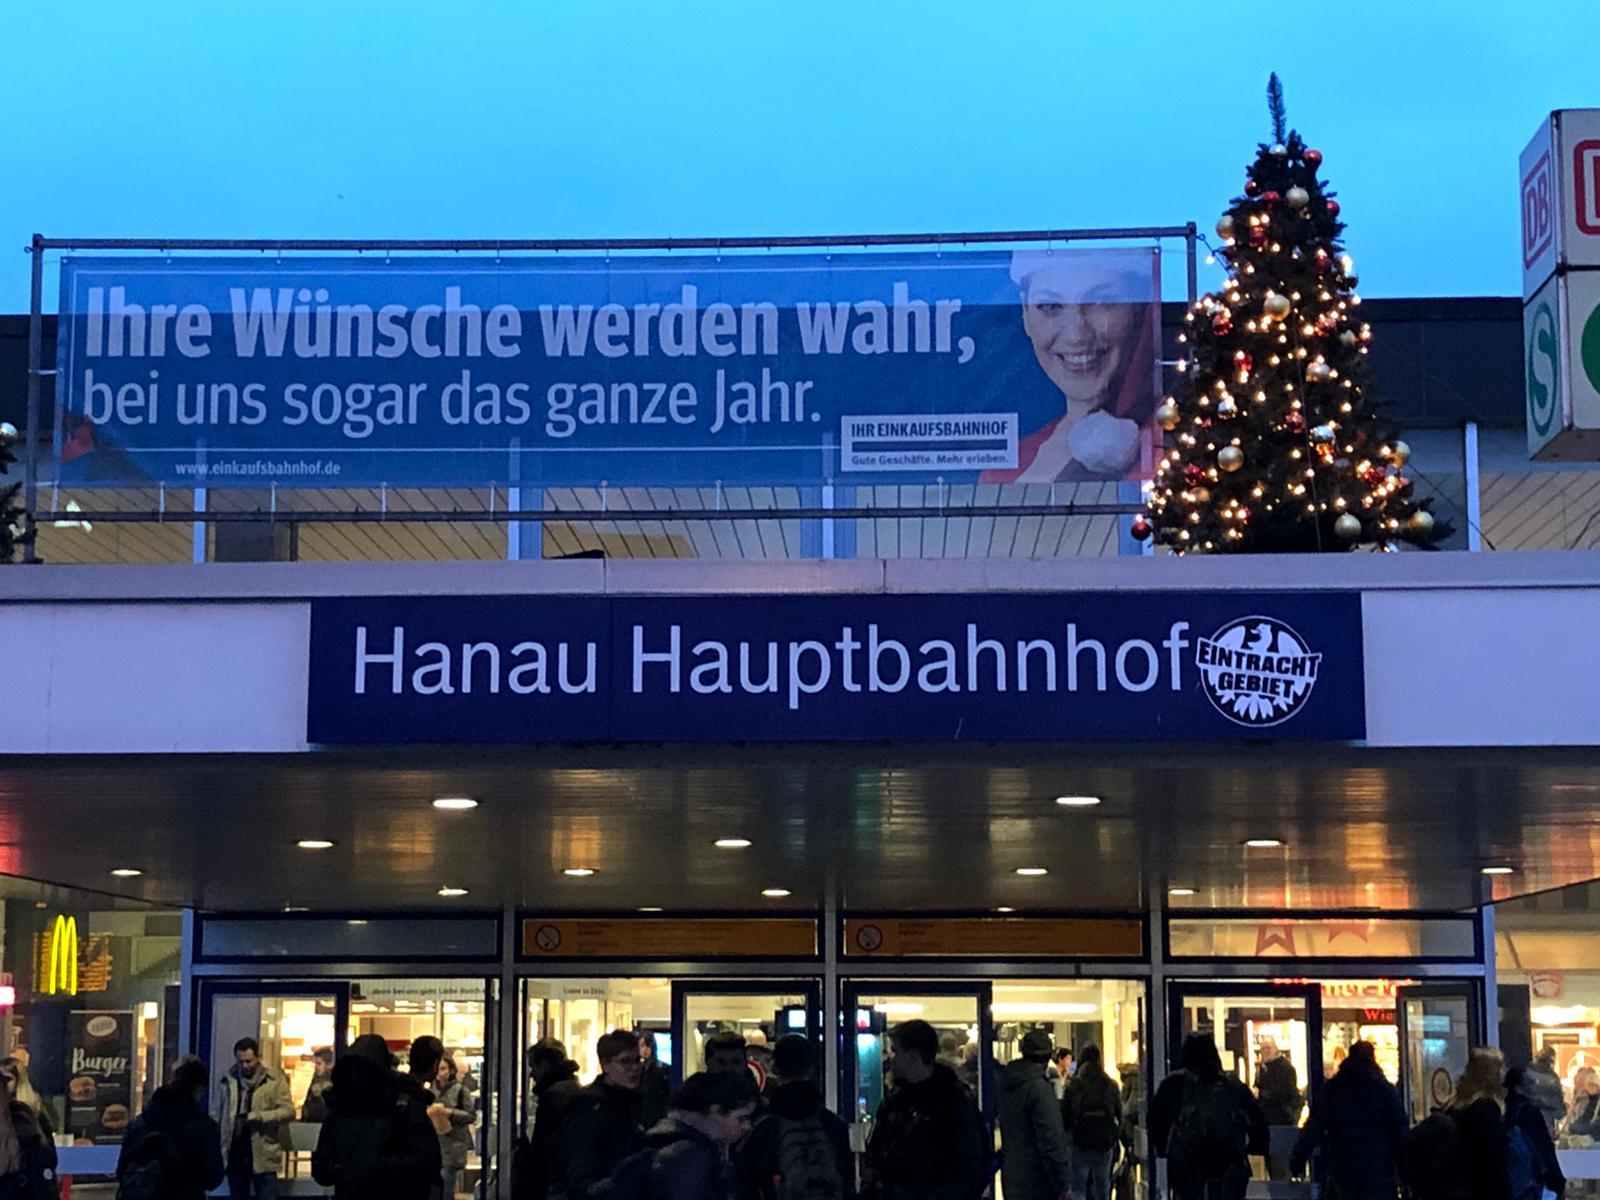 Bahnhof_Hanau